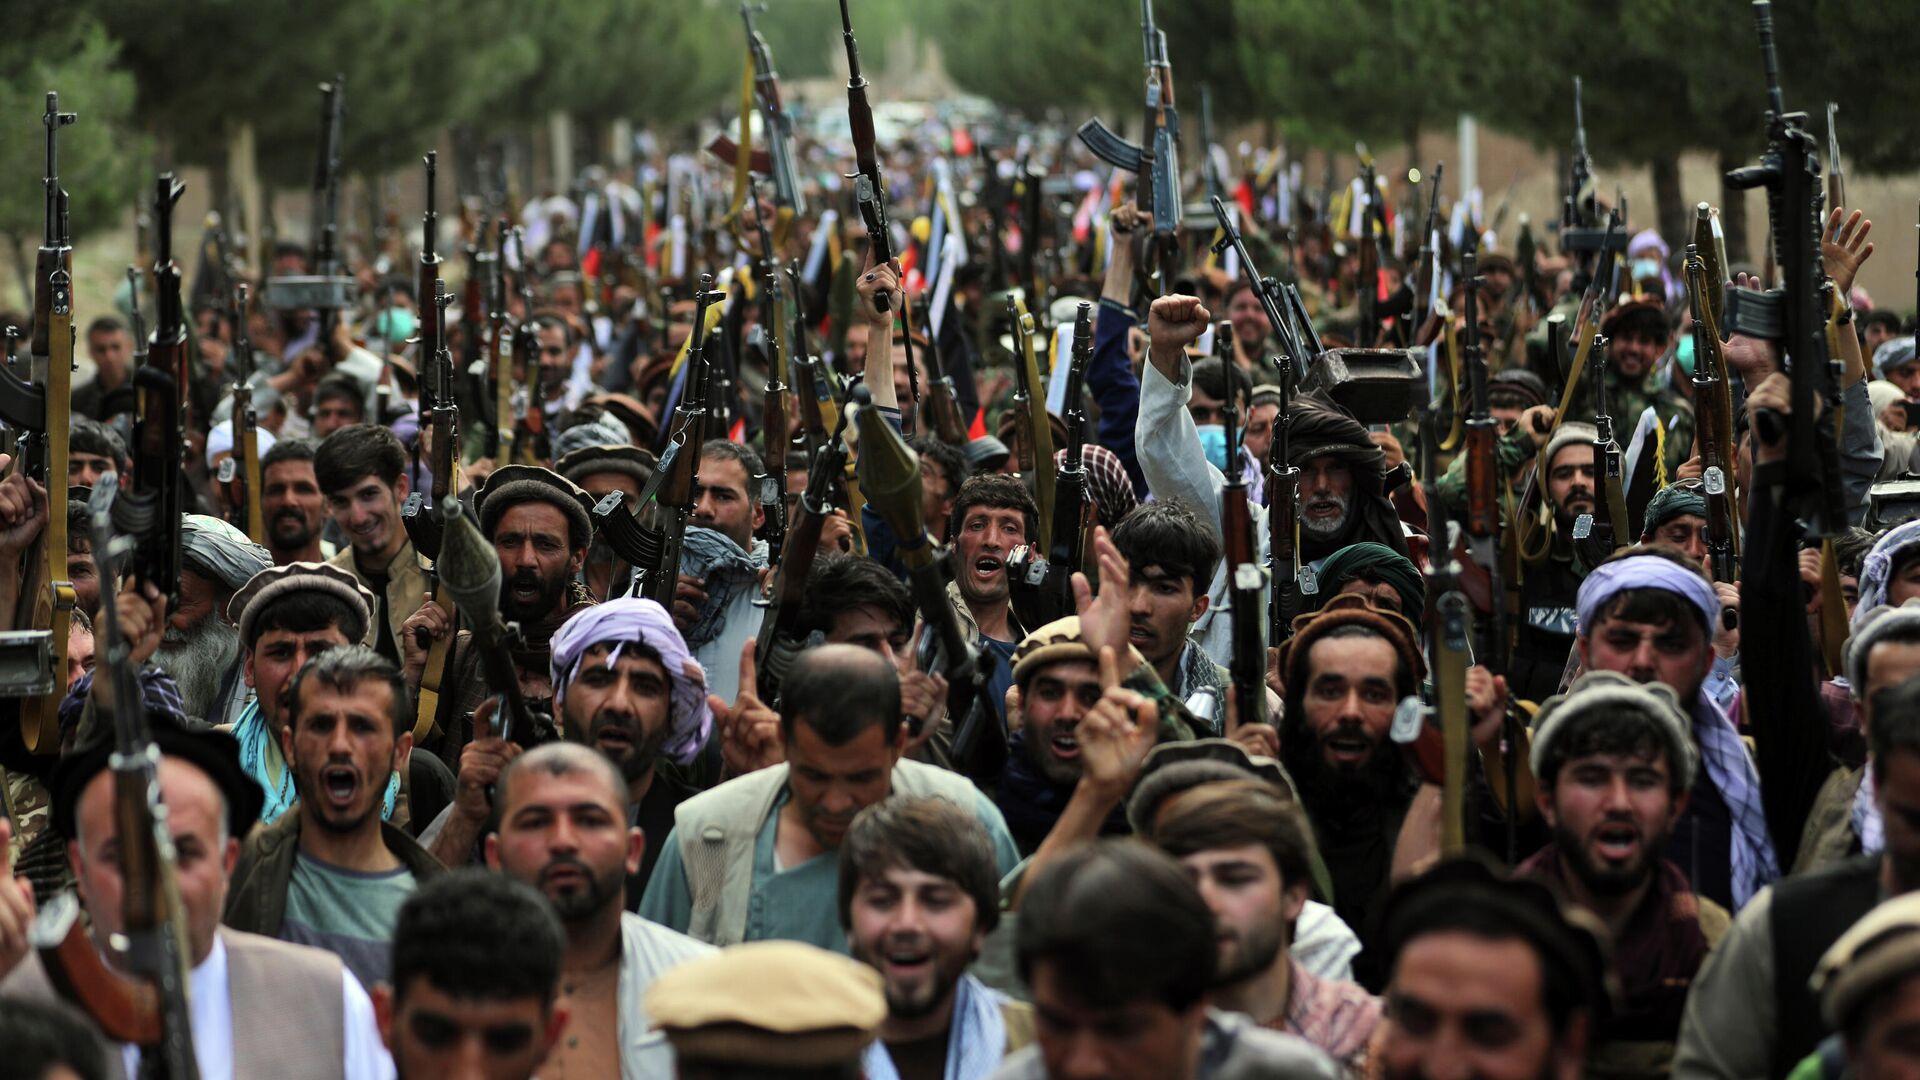 Афганские ополченцы присоединяются к силам обороны Афганистана в Кабуле - Sputnik Таджикистан, 1920, 23.07.2021